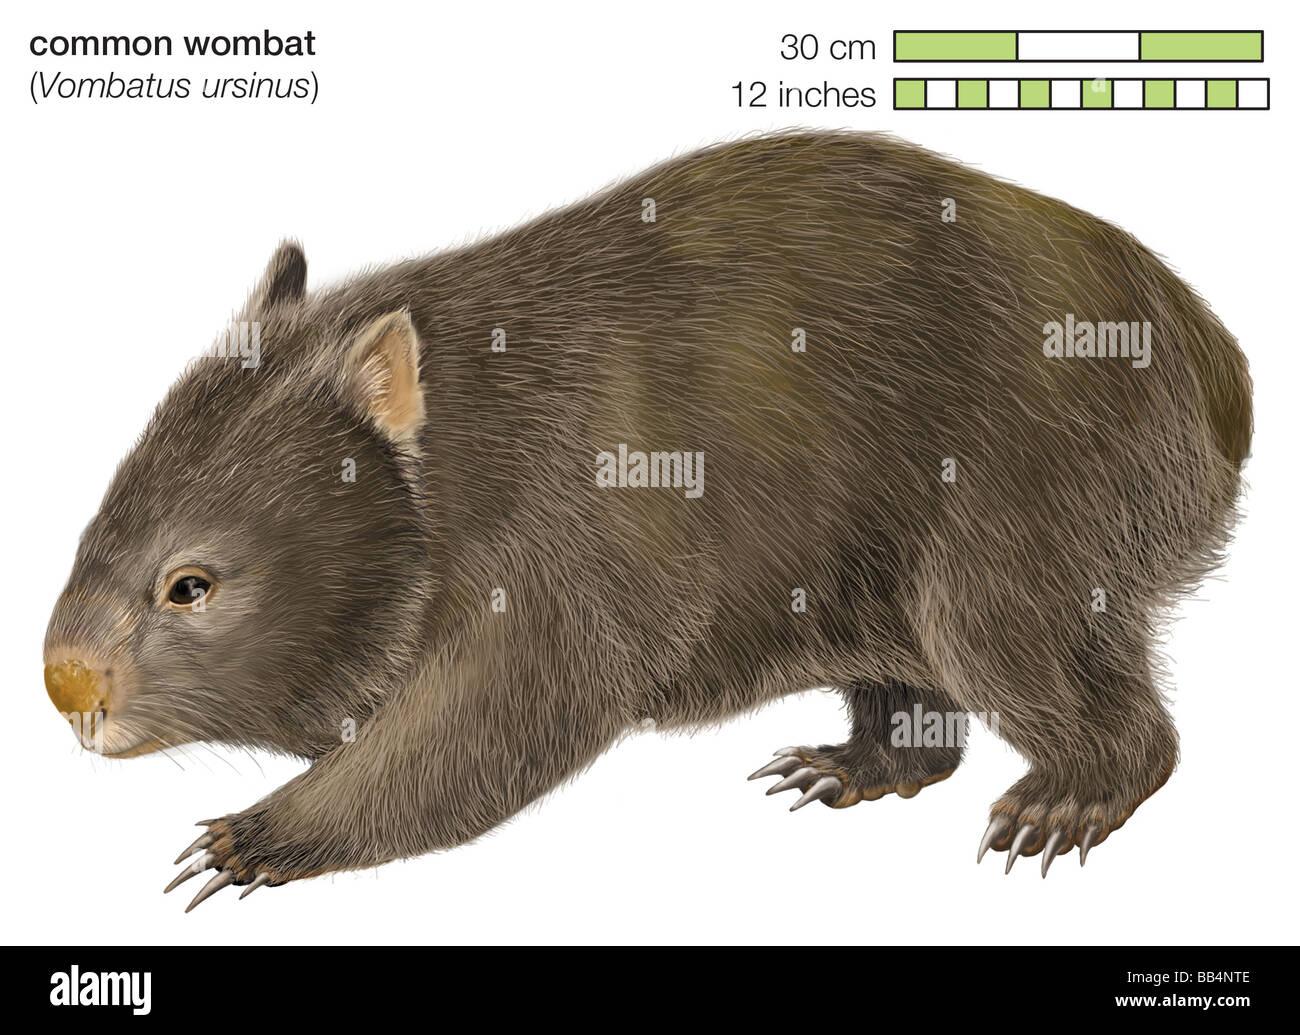 Wombat comune (Vombatus ursinus) Immagini Stock